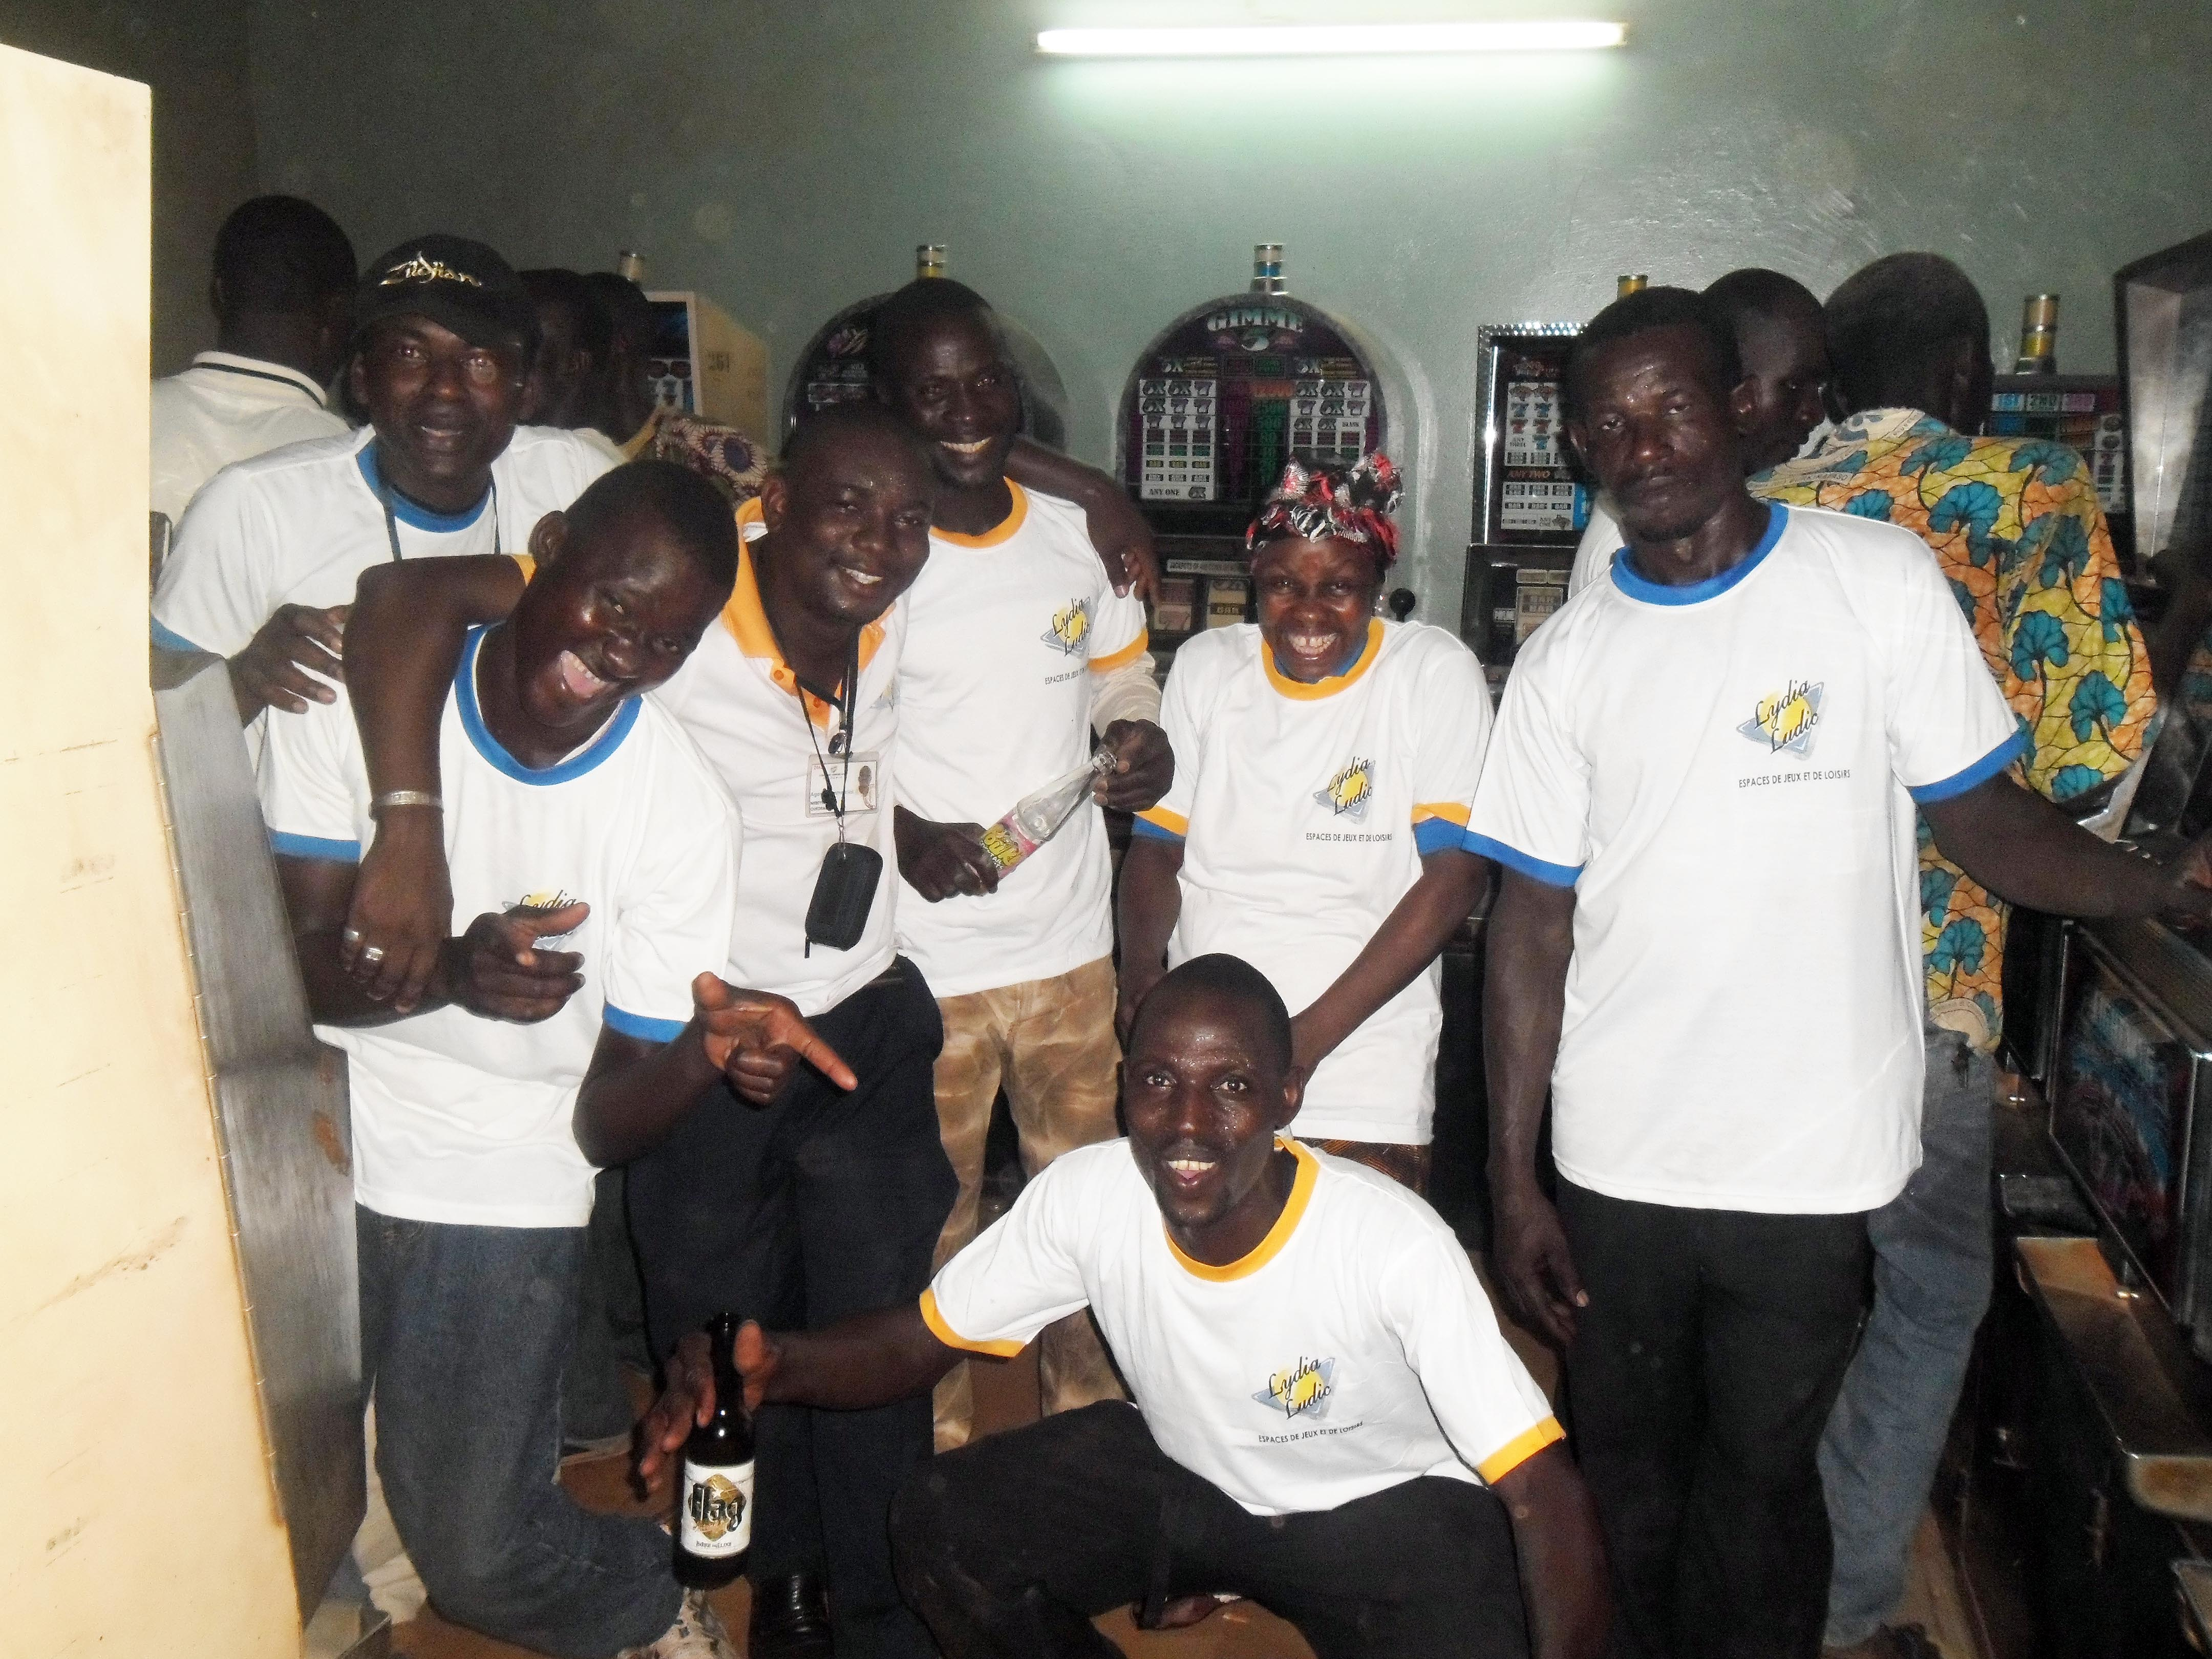 Ambi9ance de fête au mini-salon Saphyto à Houndé, lors de l'animation Lydia Ludic